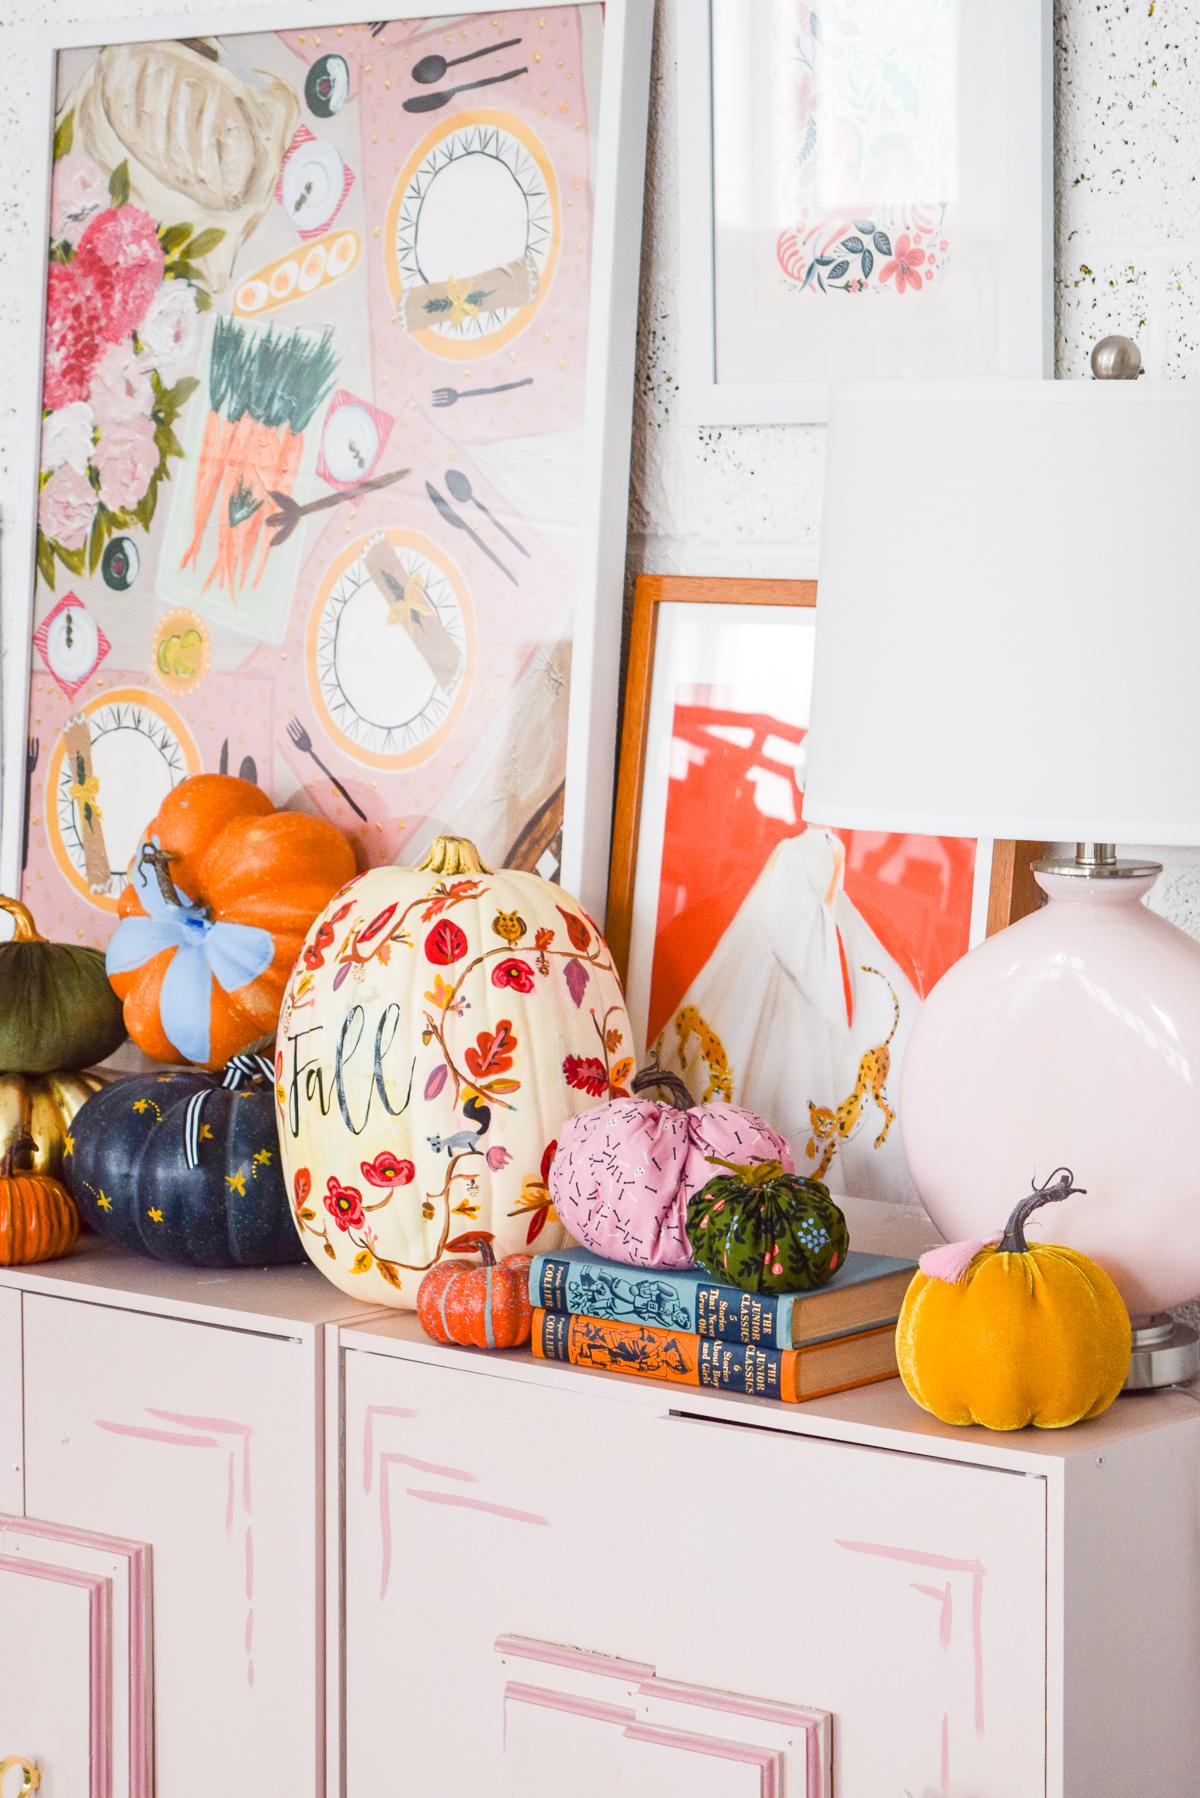 pink dresser with pumpkins and art